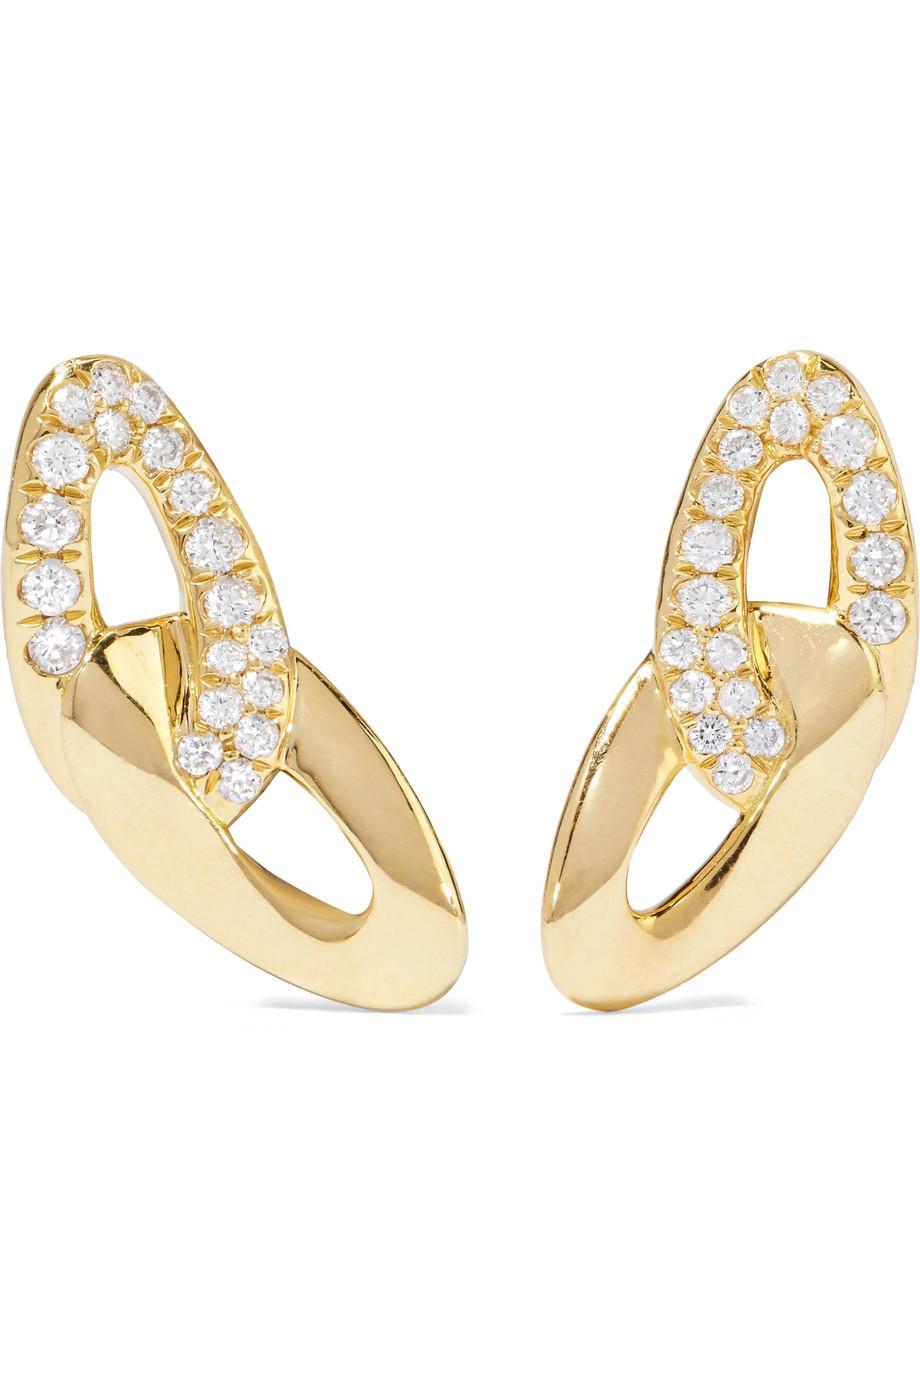 Ippolita Cherish 18-karat Gold Earrings dC53JB3M